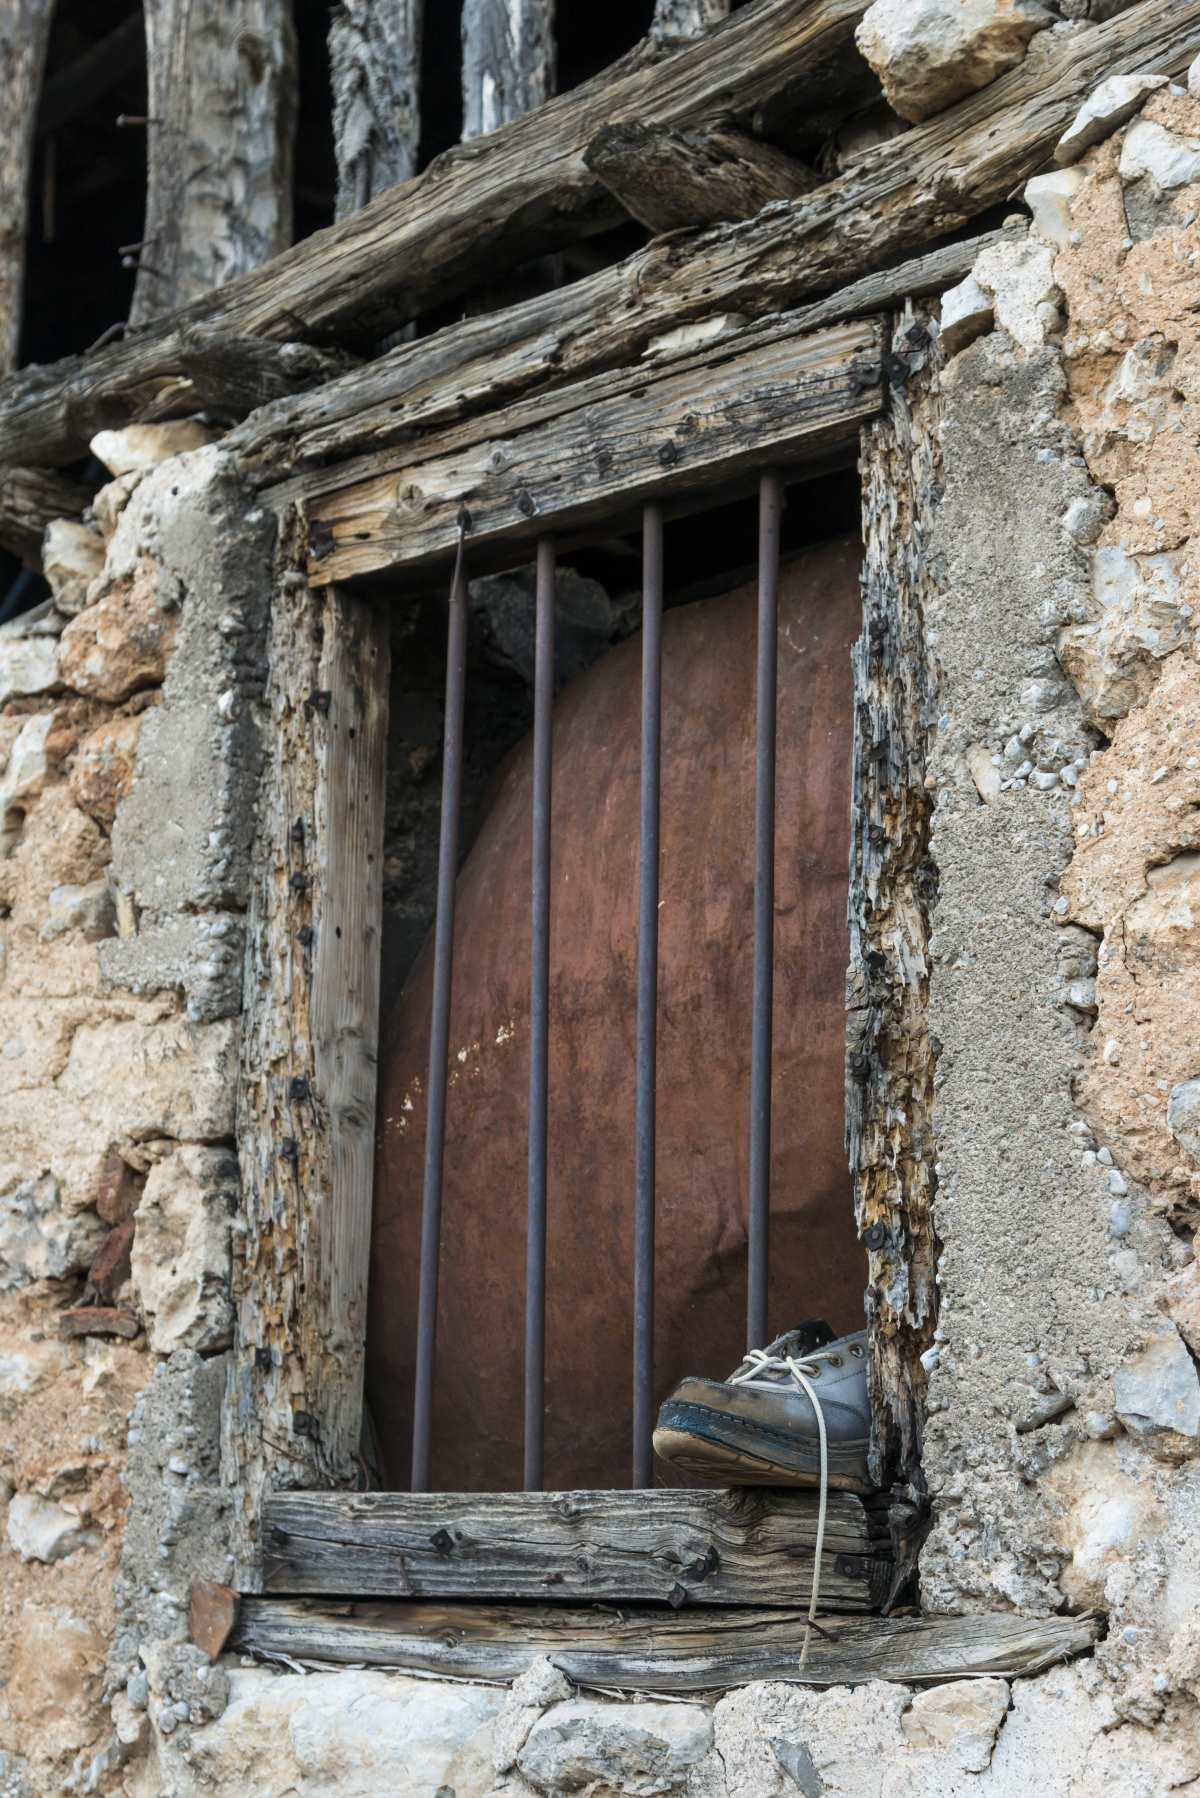 Χάρμαινα, Άμφισσα, παραθυρο παλιό με κάγκελα